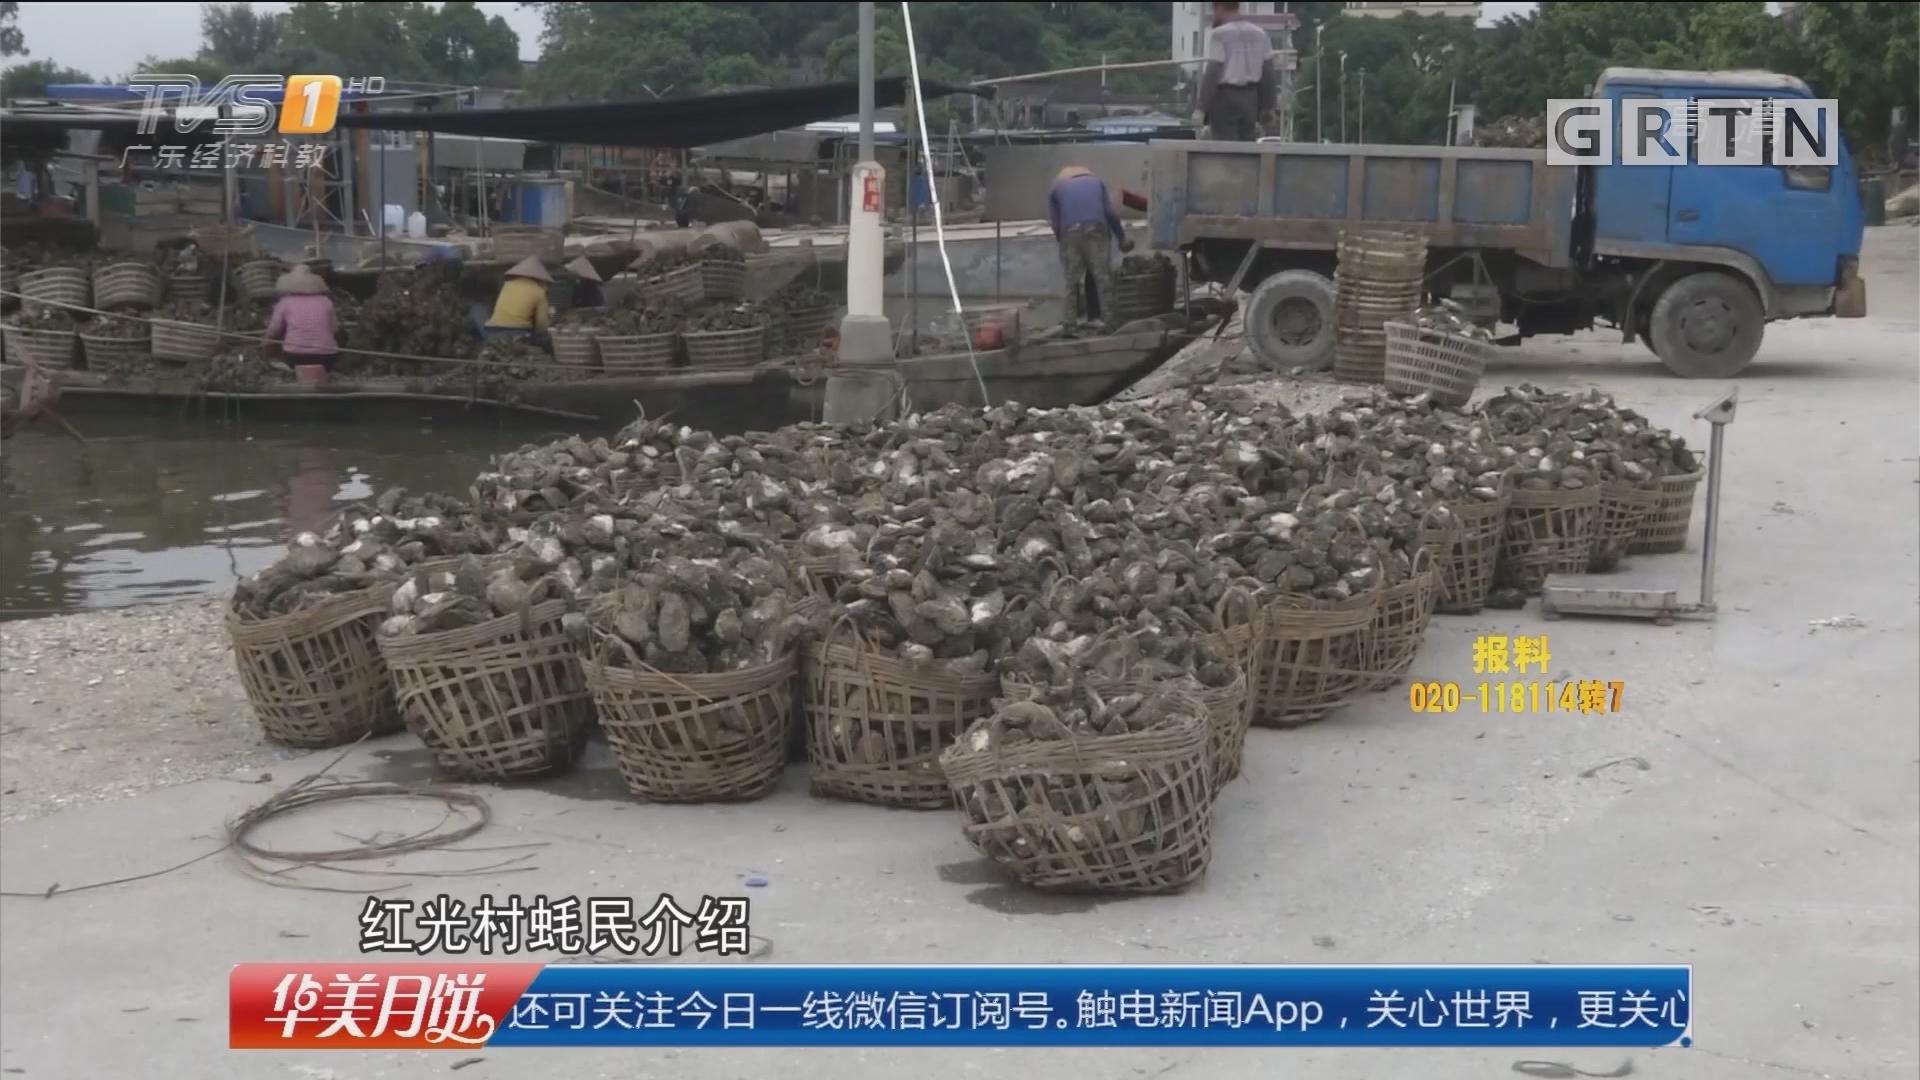 阳江阳西:盗砂损伤红树林 执法部门重拳打击